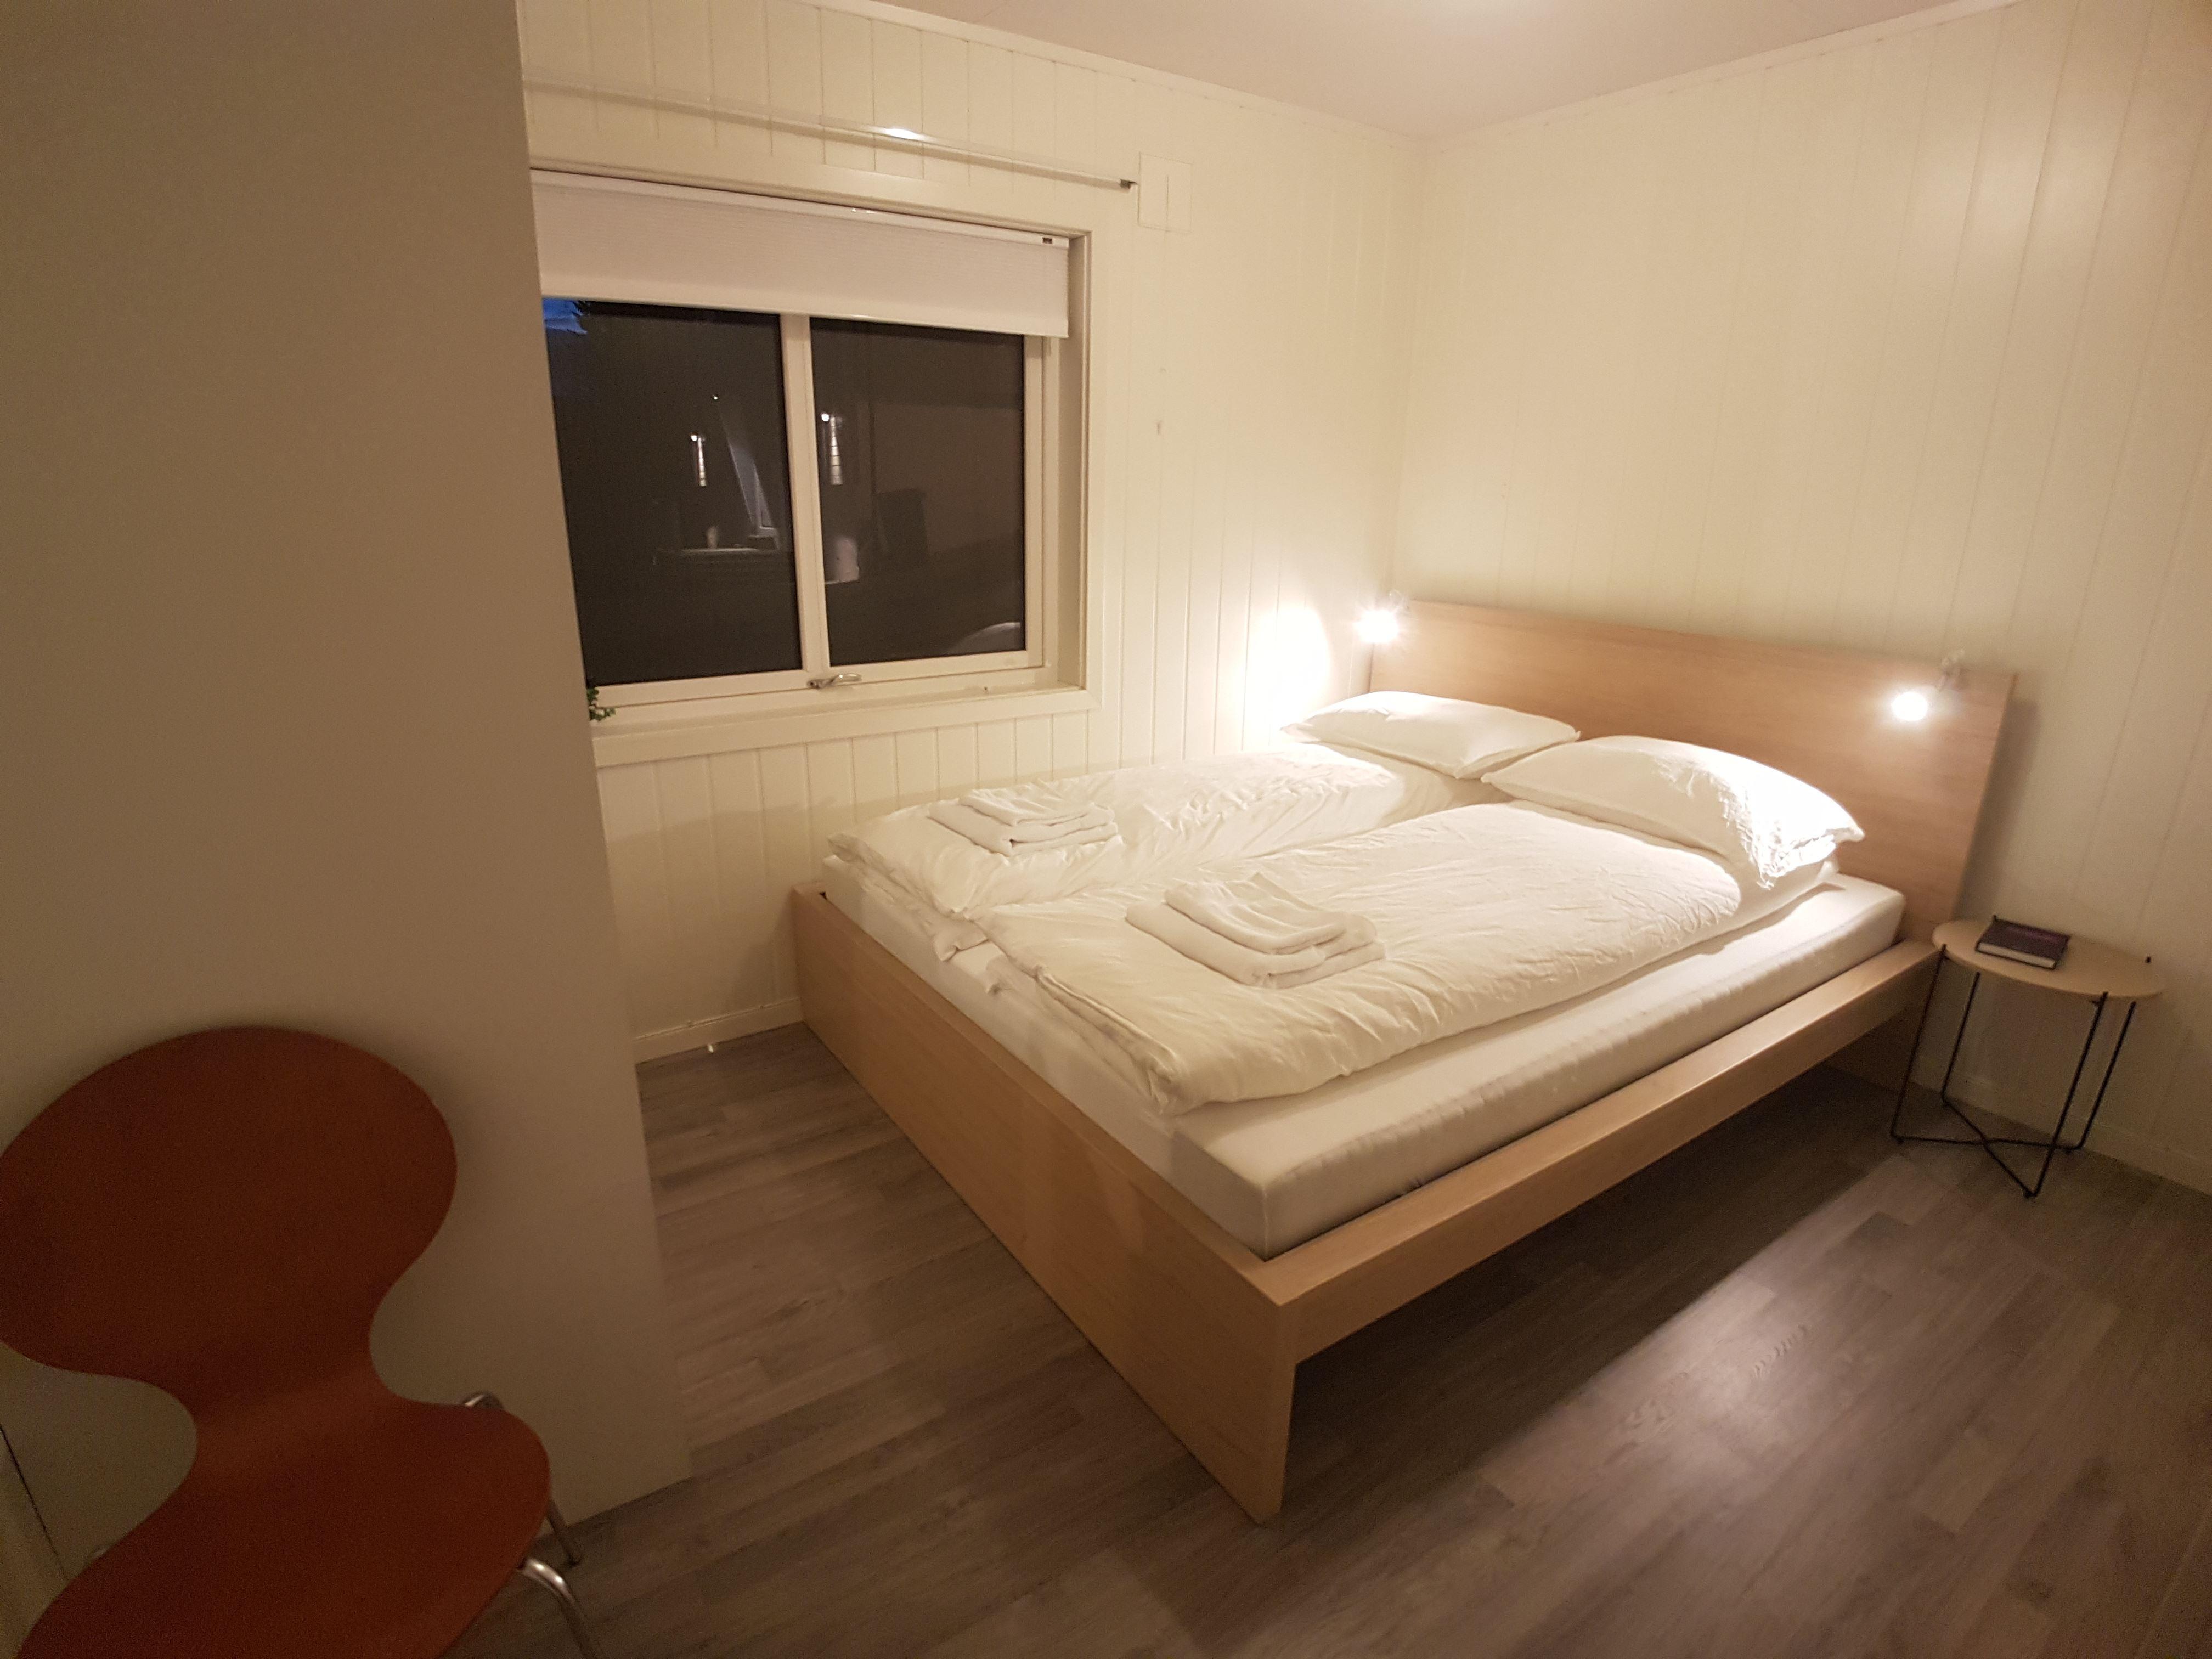 Stor, luksuriøs leilighet med flott beliggenhet - Local Living